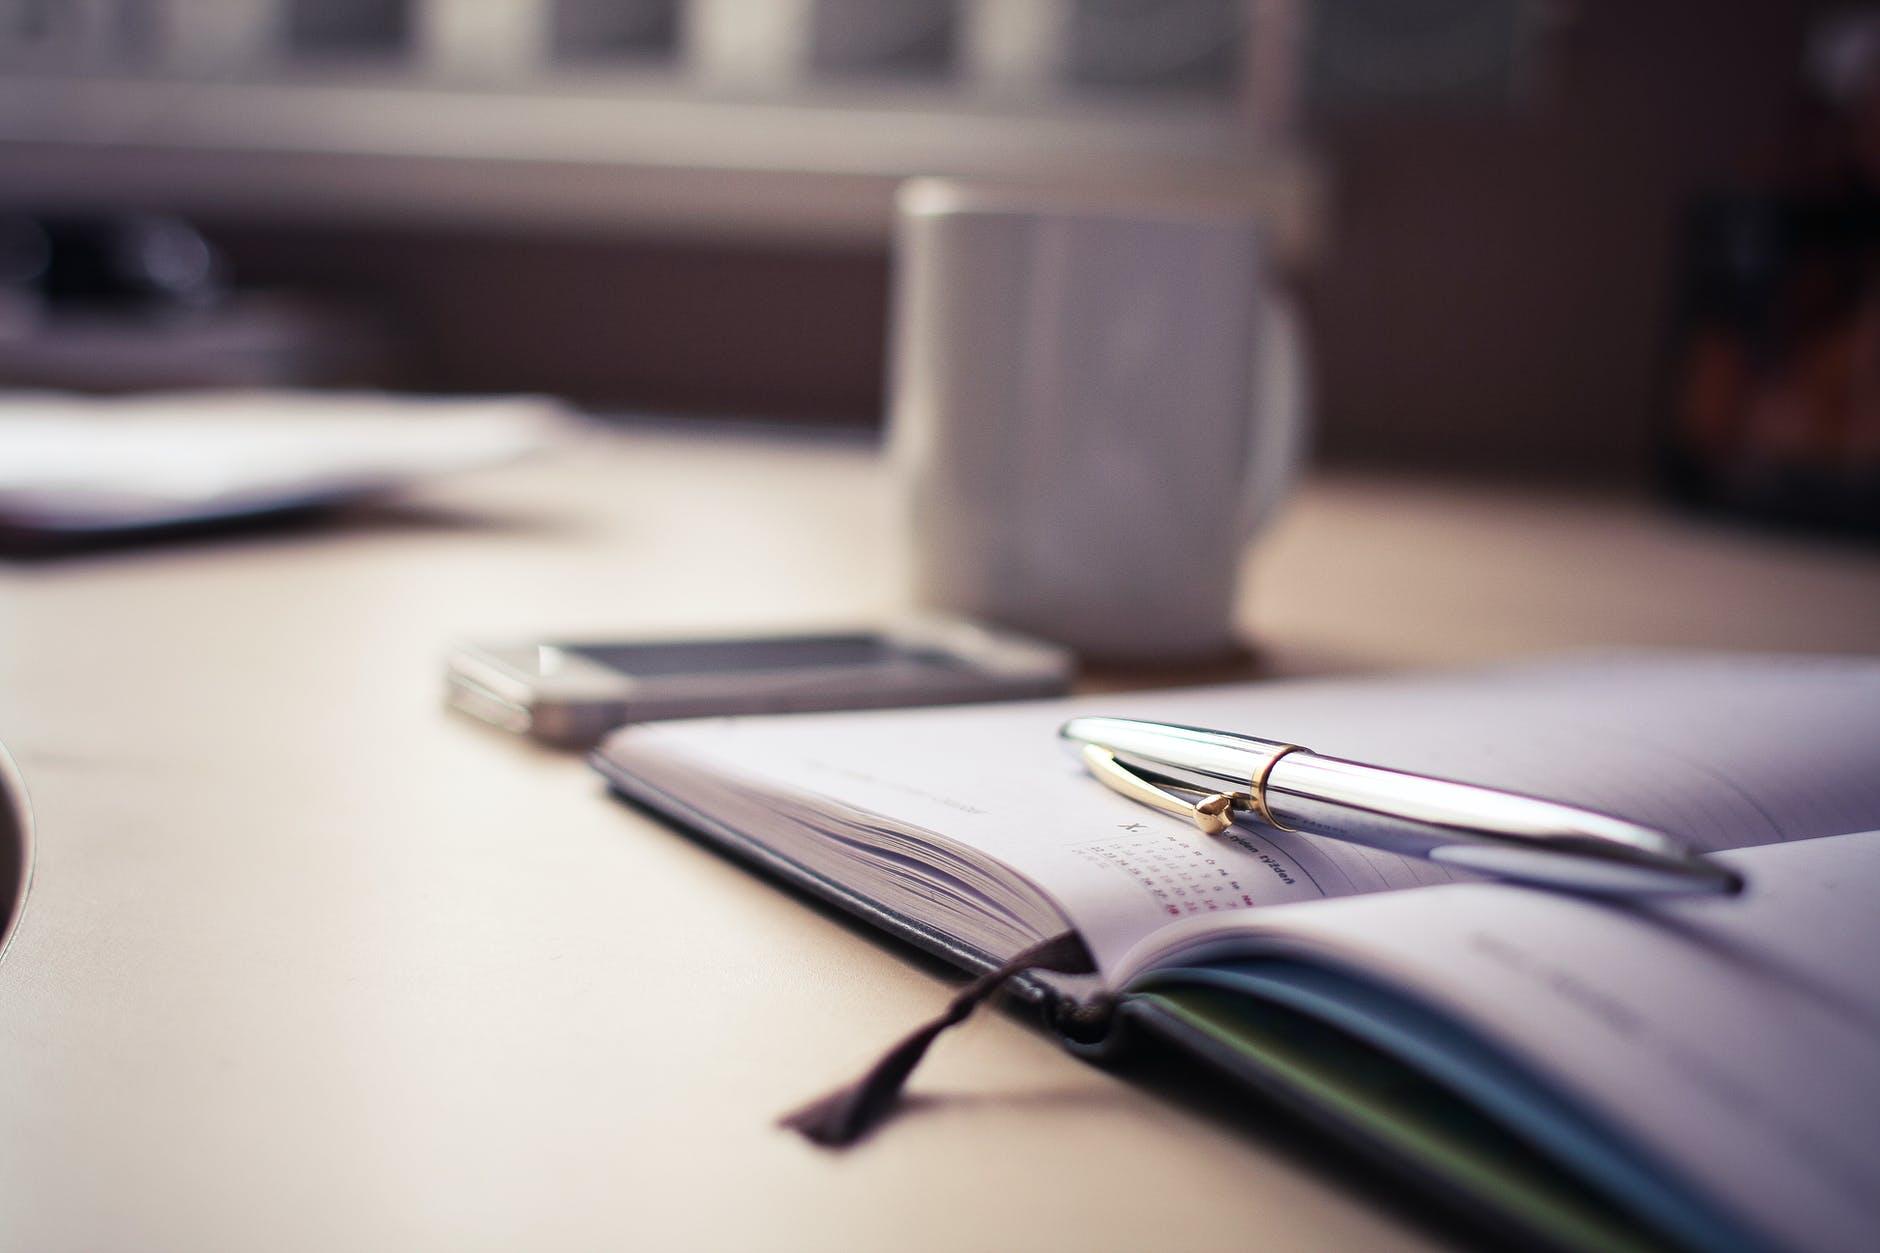 Agenda de papel vs. digital: ¿cuál te conviene más?